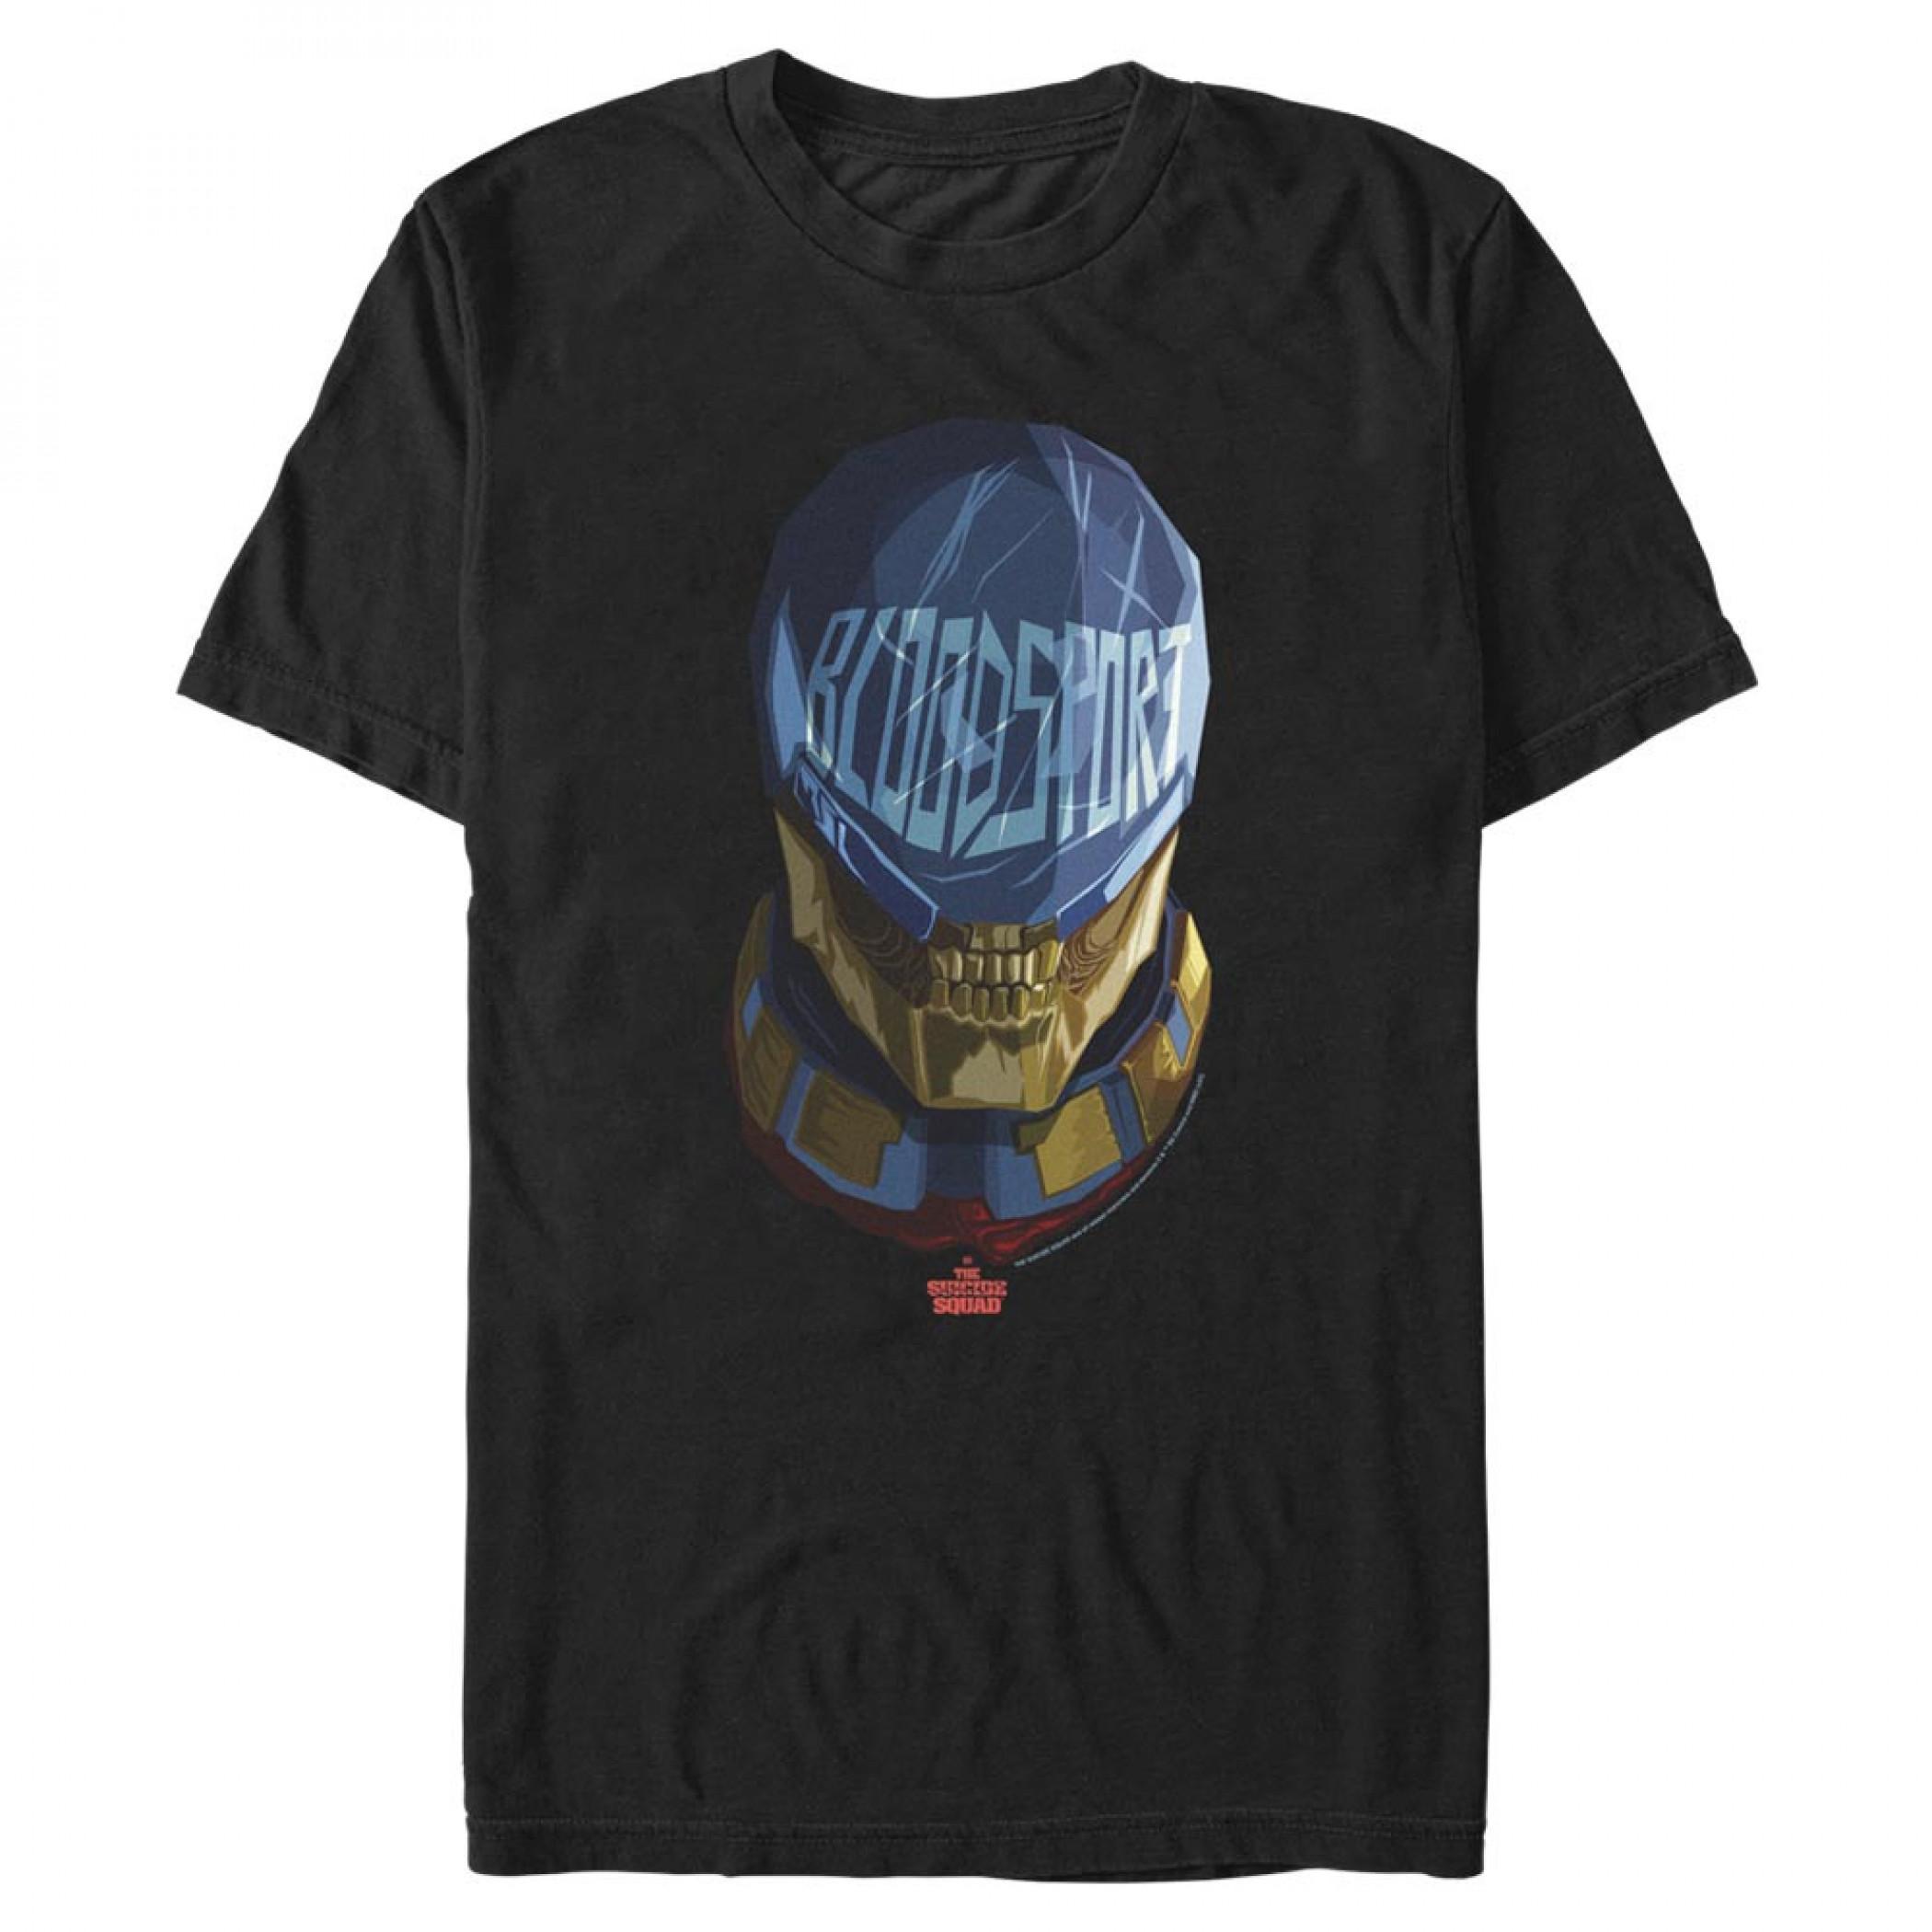 The Suicide Squad Bloodsport Stylized Character Portrait Men's T-Shirt